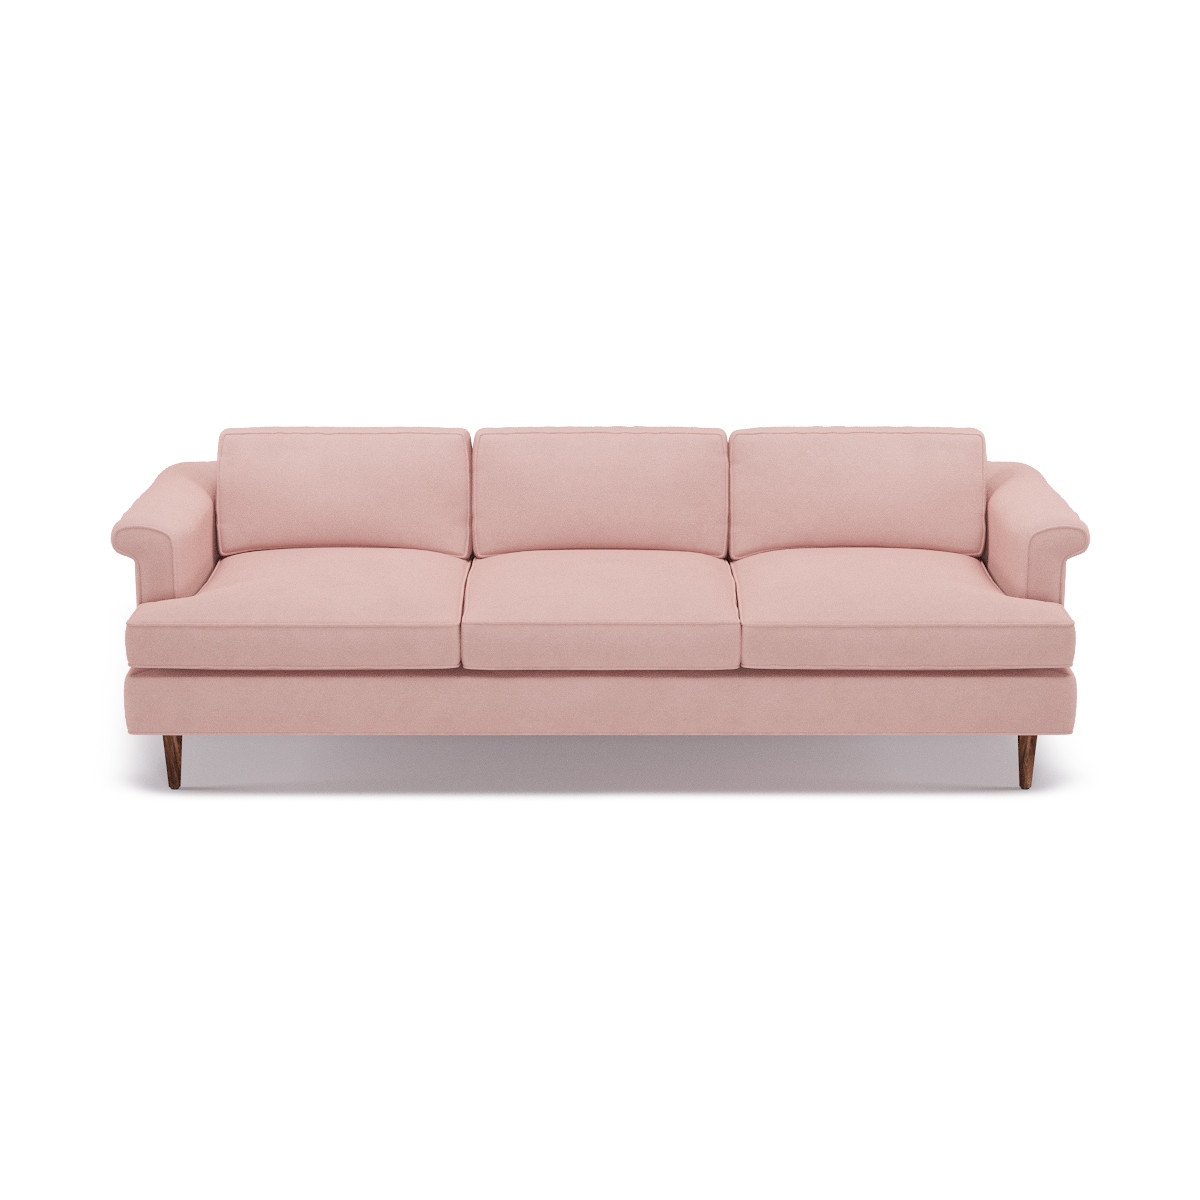 Mid-Century Sofa | Blush Velvet